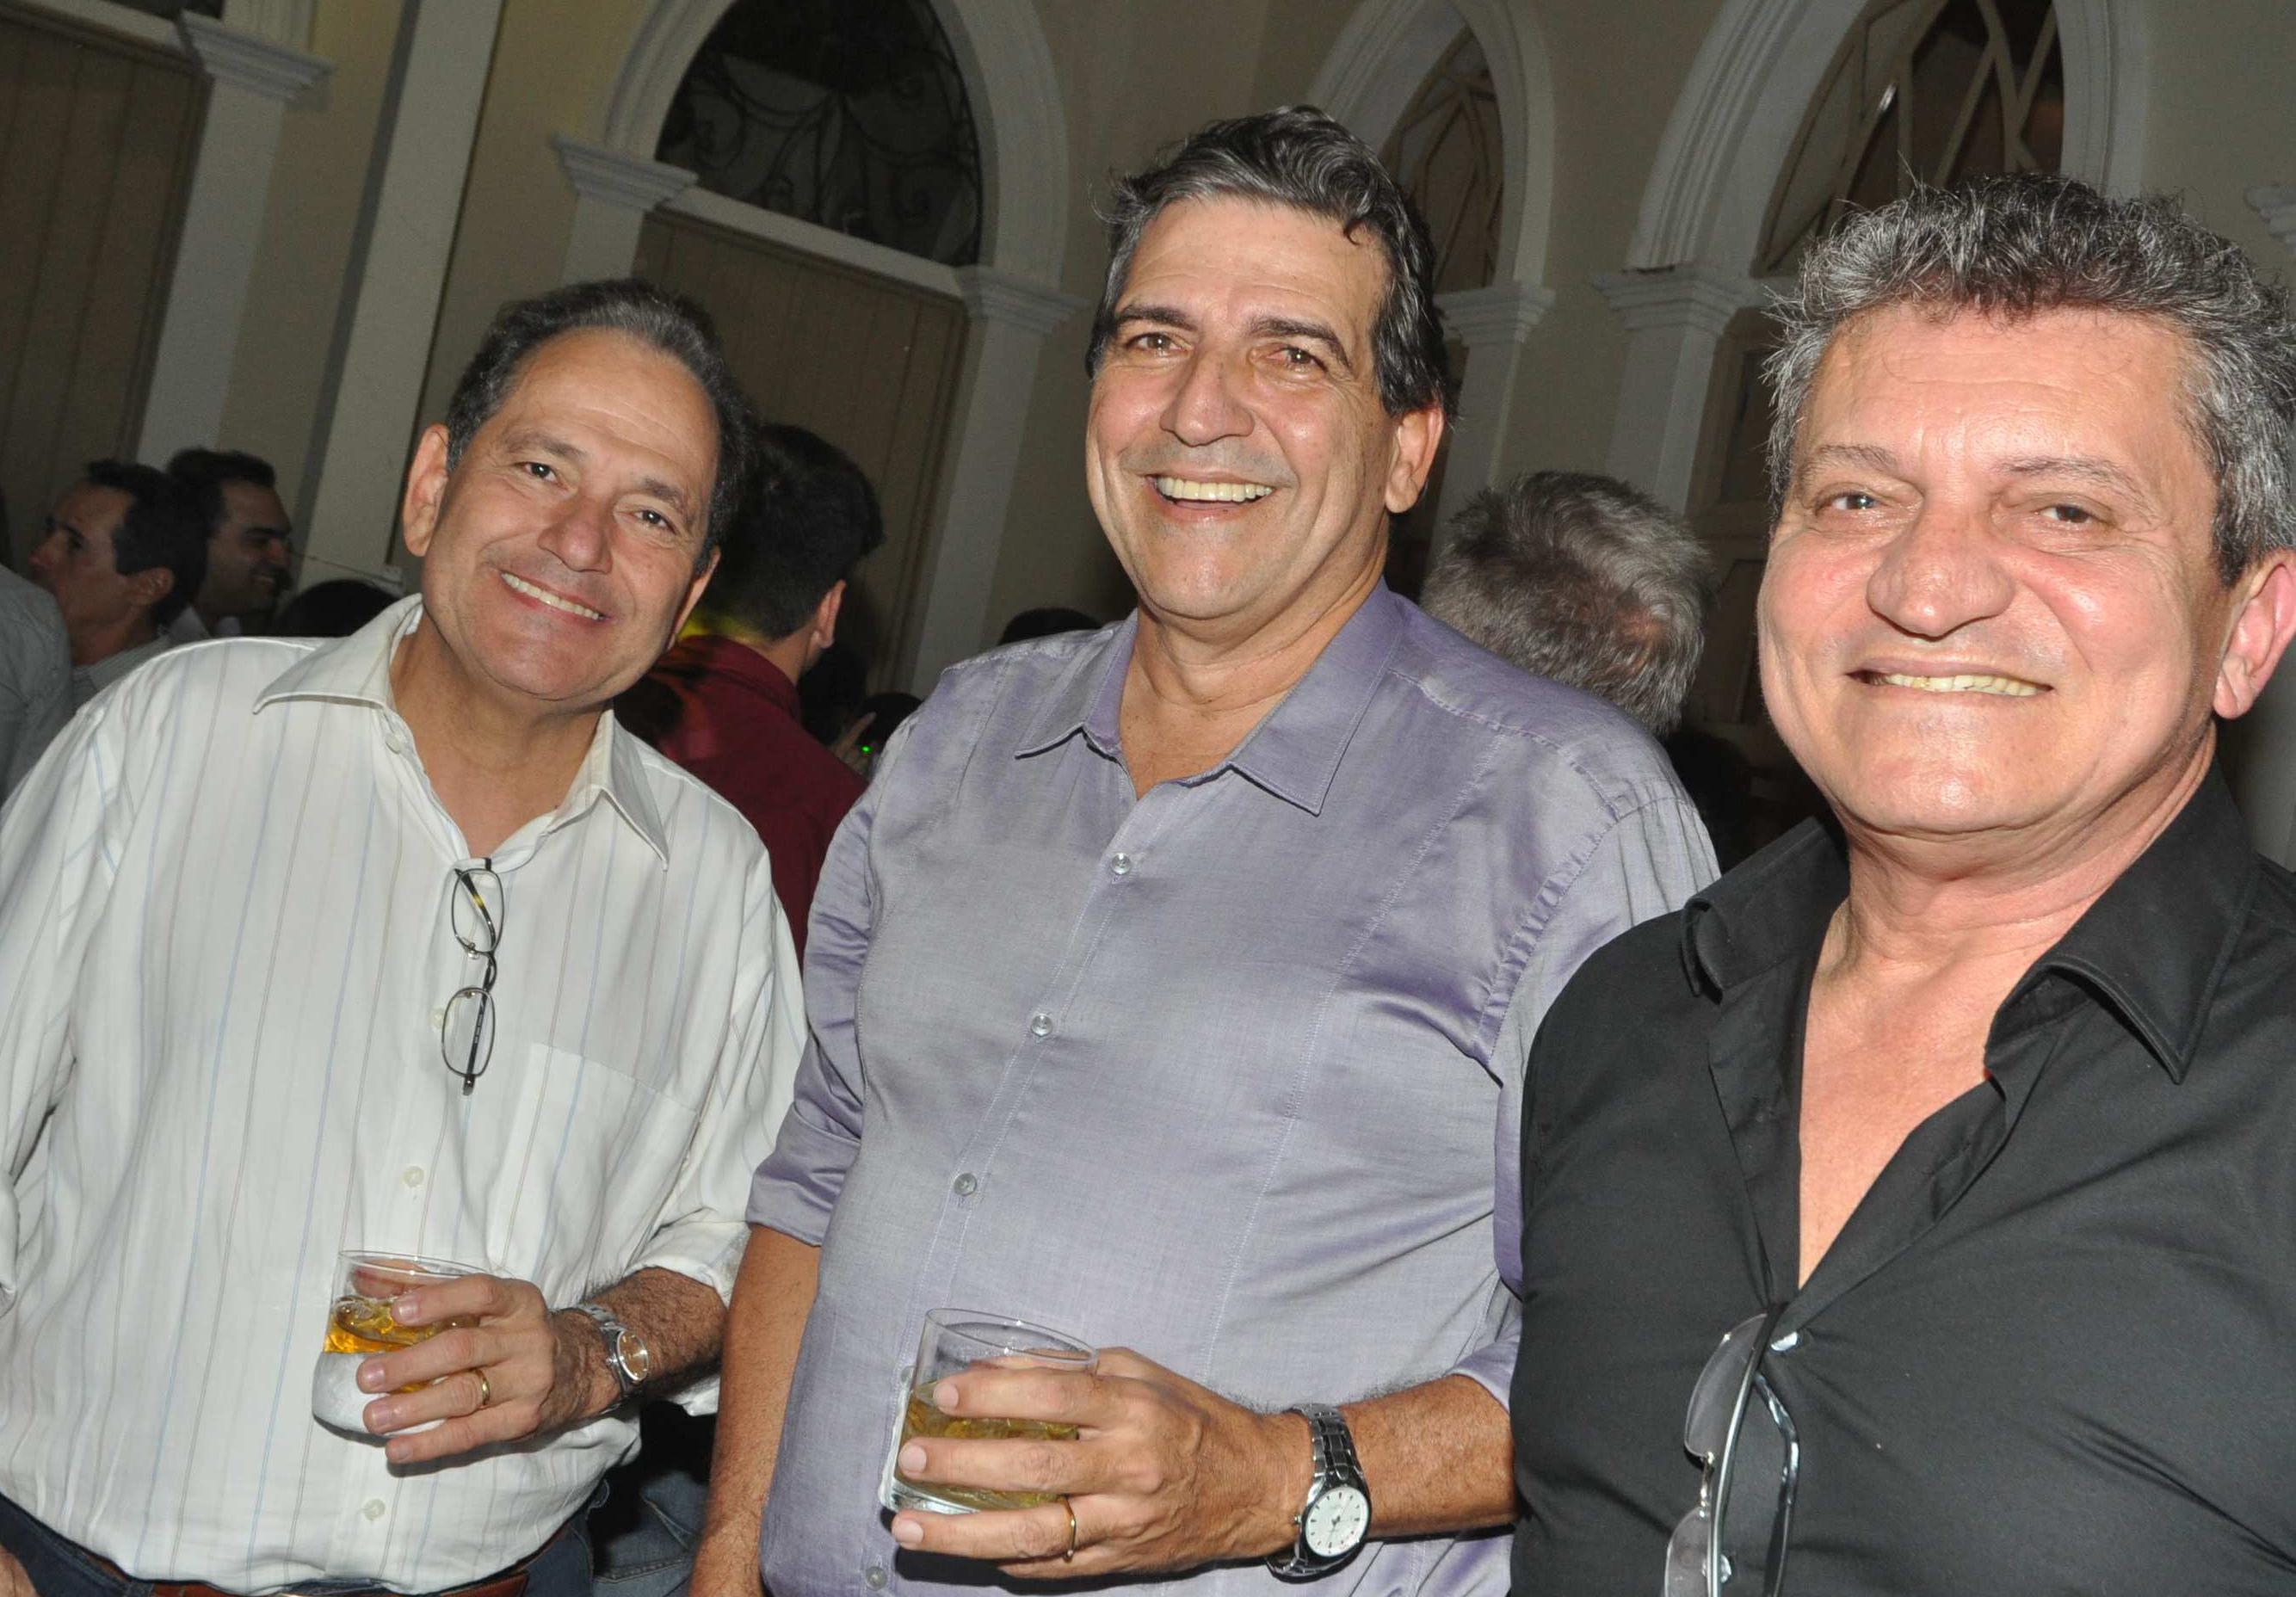 #TBT de uma noite de festa nos salões do JET natalense, com o trio de amigos Nelson Freire, Pedro Cavalcanti e Adomiro Cordeiro.